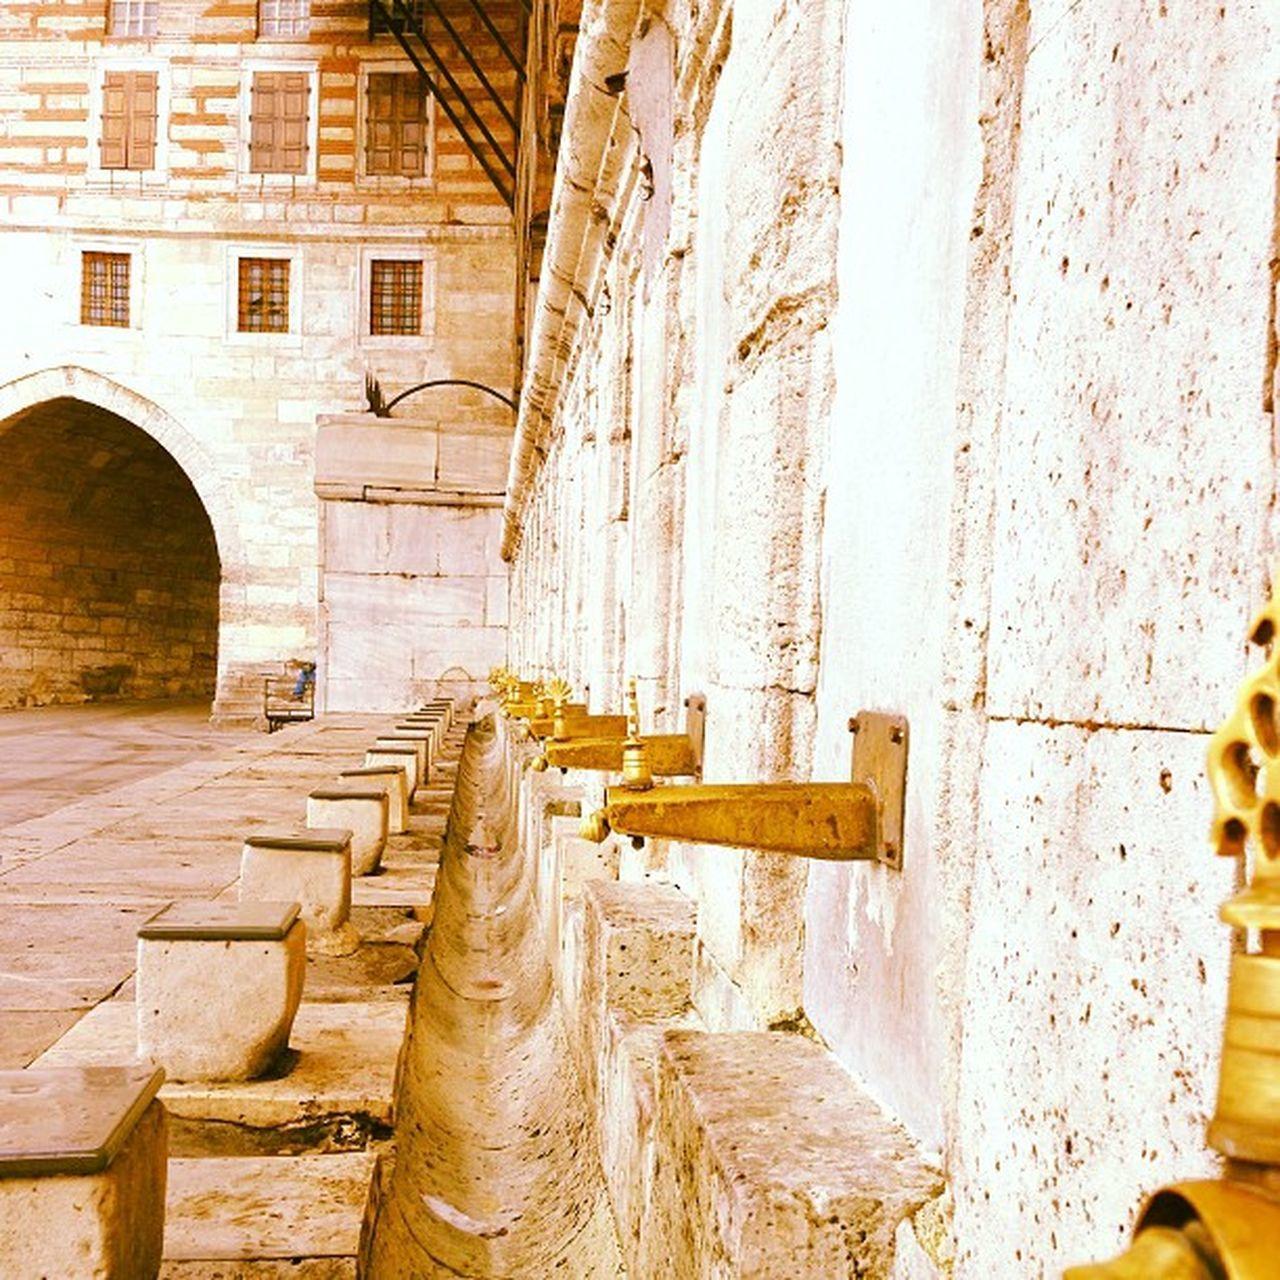 Yeni Camii Architecture Mosque Mosque Turkey Istanbul Istanbul Turkey Istanbul - Bosphorus ıstanbul, Turkey Ist_instagram